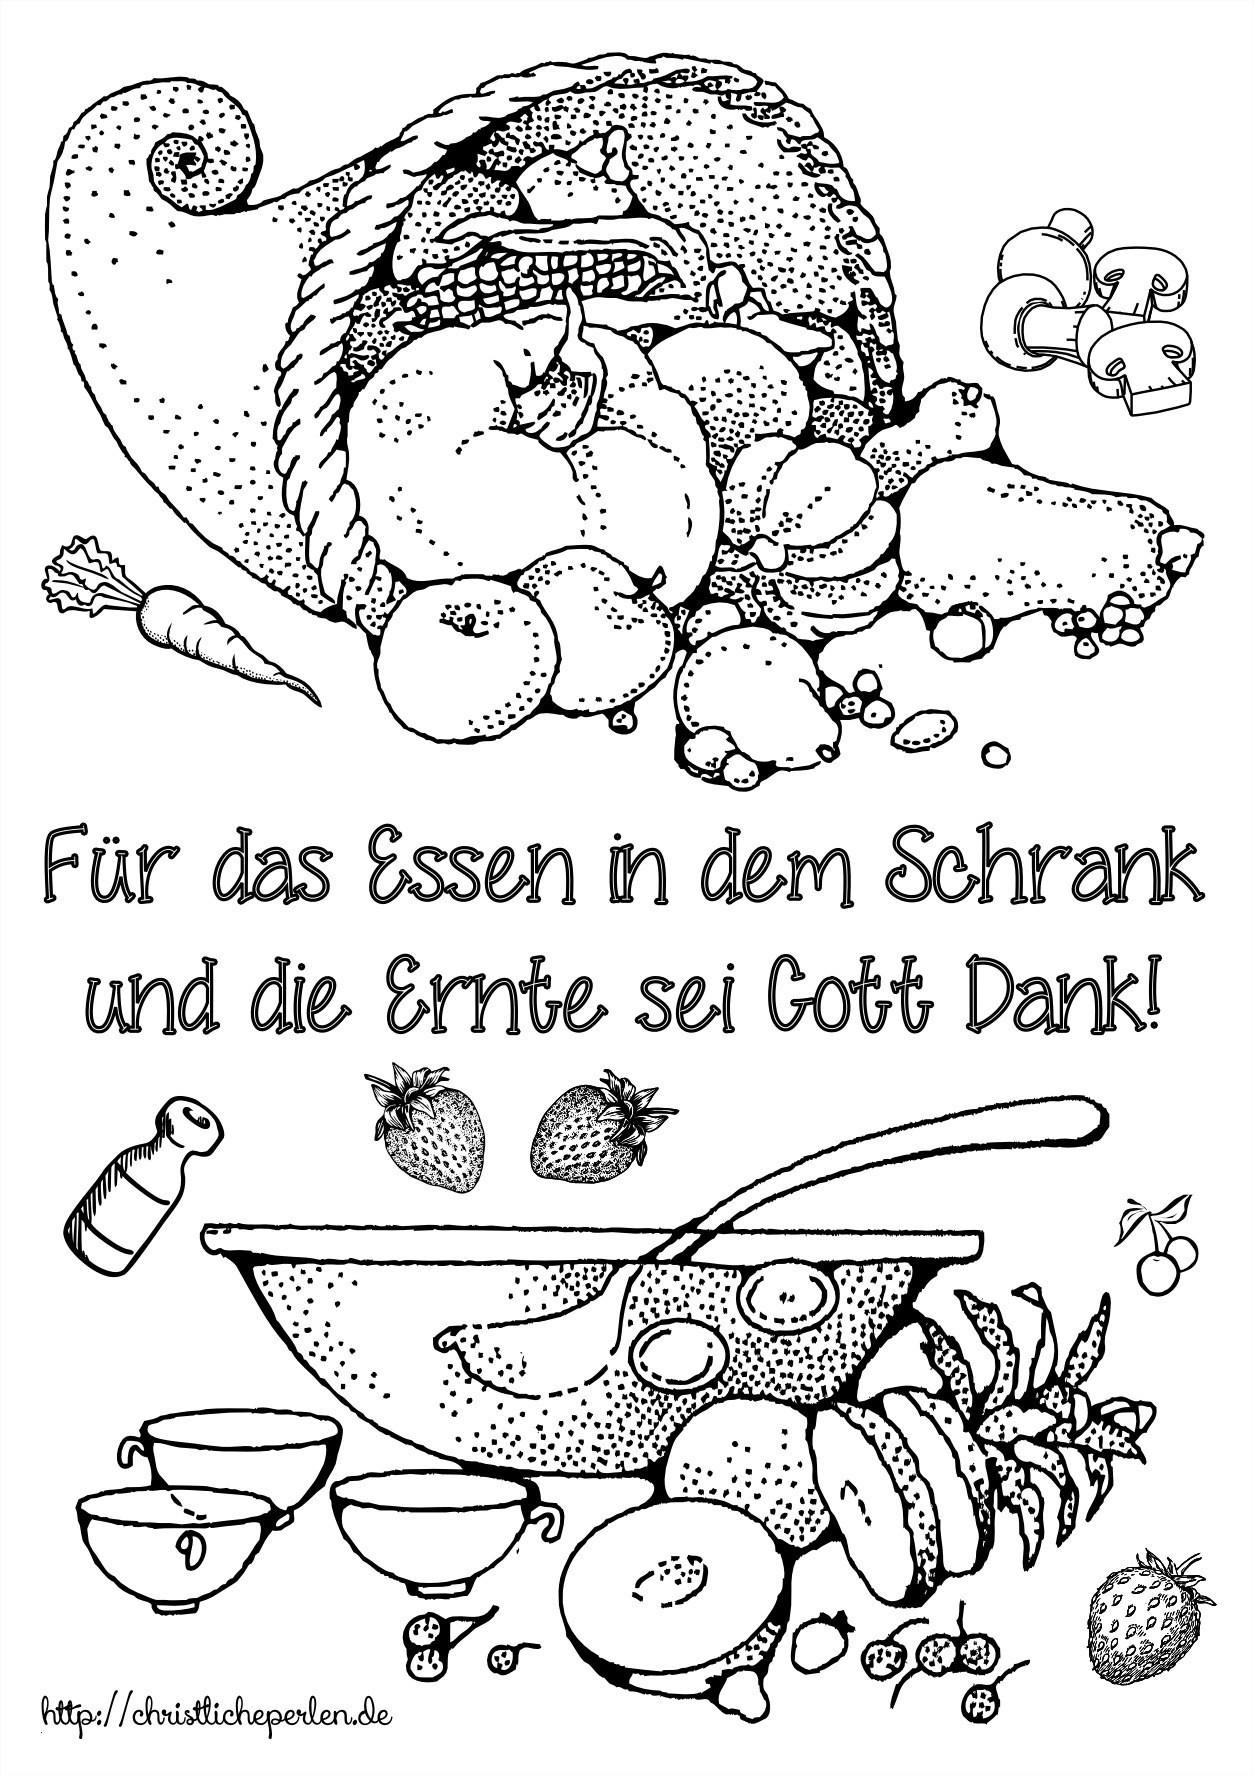 Ausmalbilder Feen Kostenlos Frisch 48 Best Kostenlose Ausmalbilder Pferde Malvorlagen Sammlungen Bilder